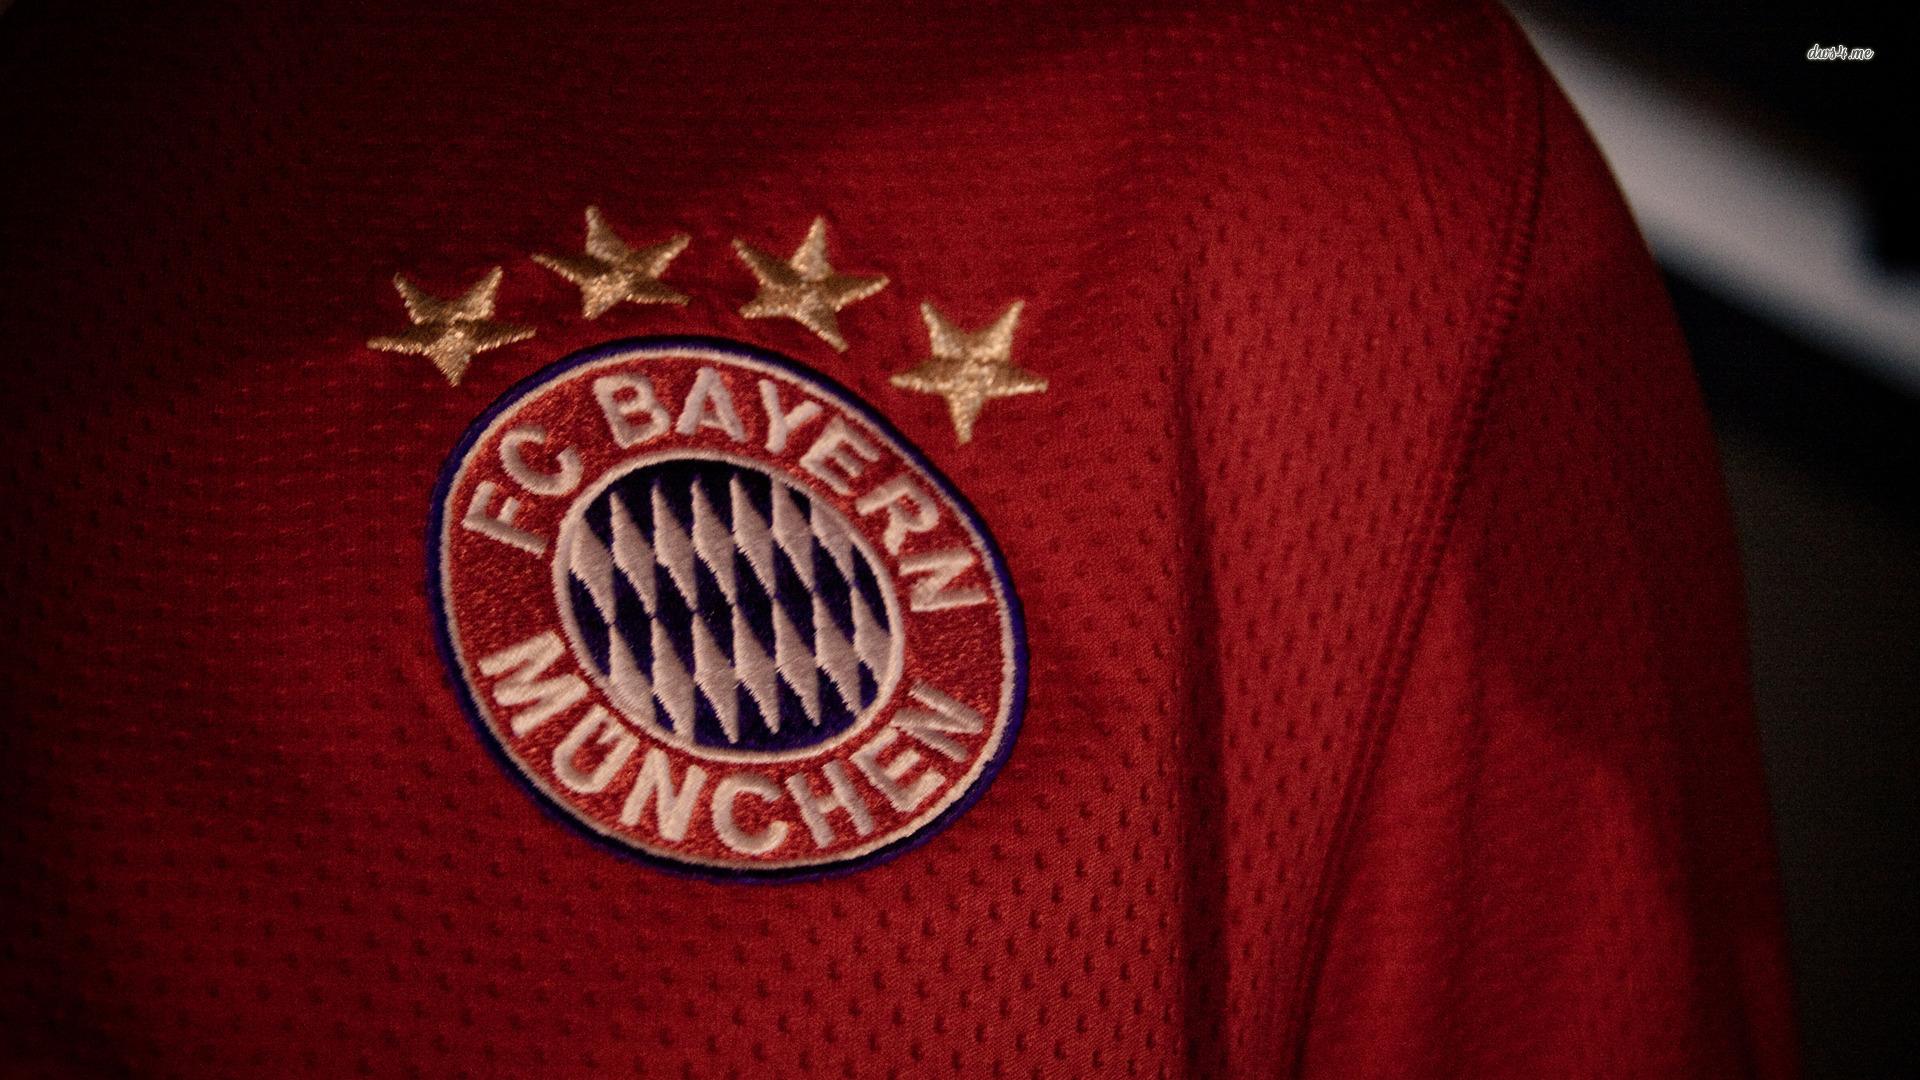 FC Bayern Munich Wallpaper 30